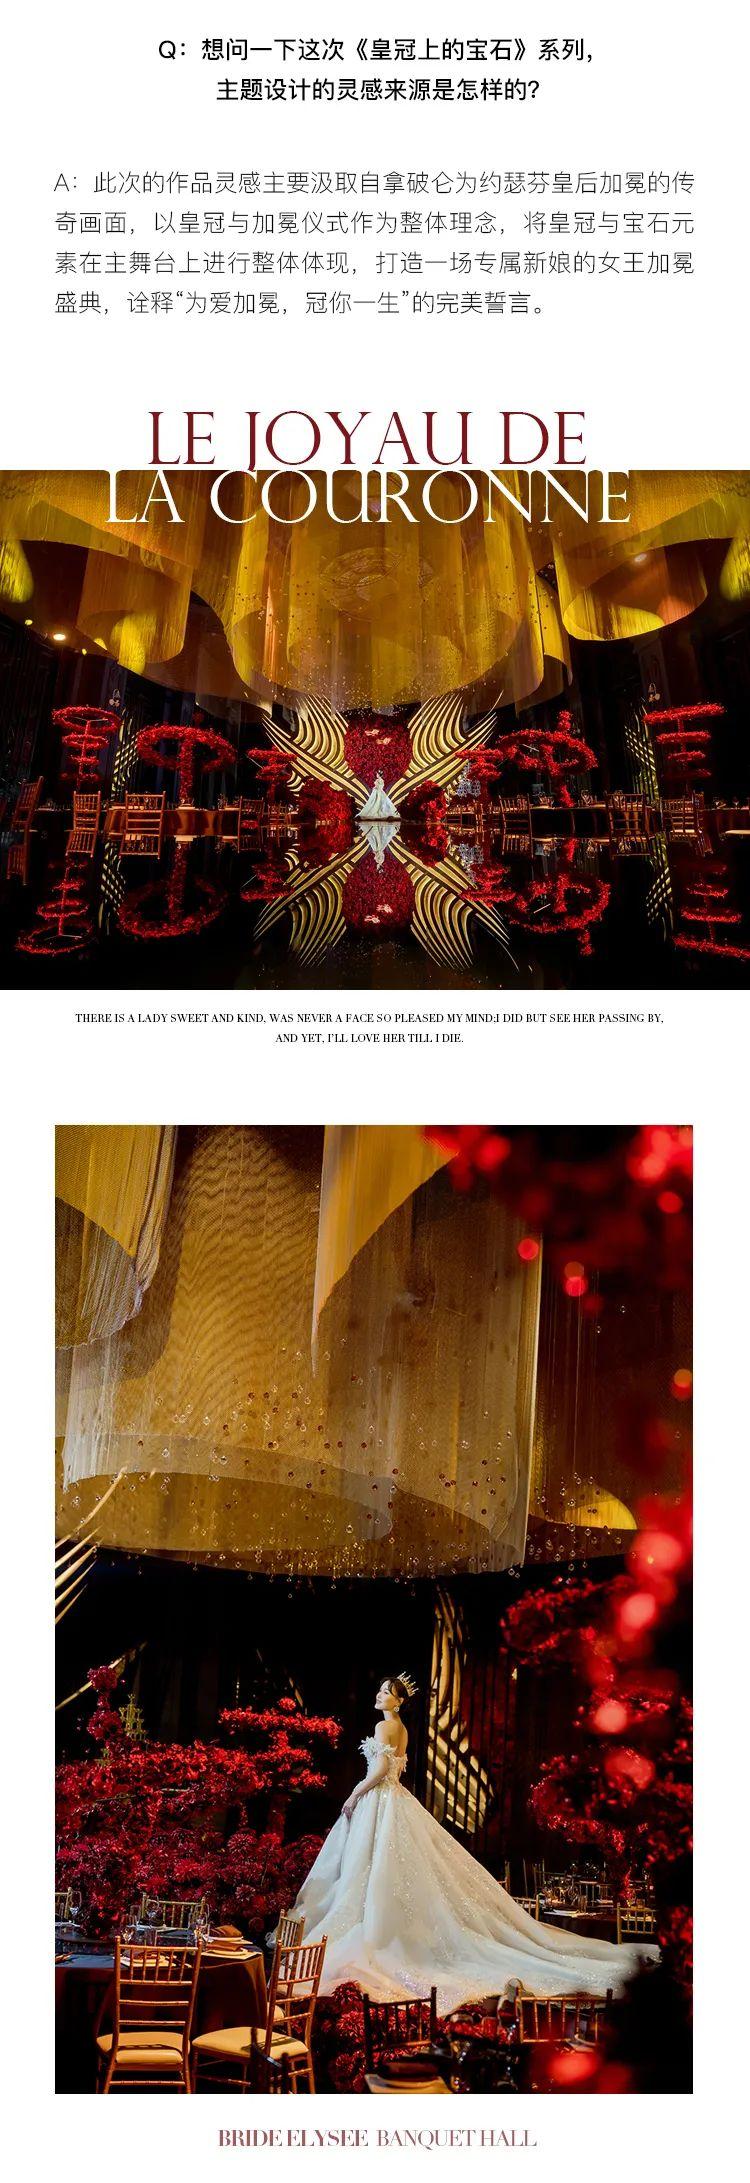 婚礼堂发布:花嫁丽舍X蔡上,打造2021《皇冠上的宝石》  第4张